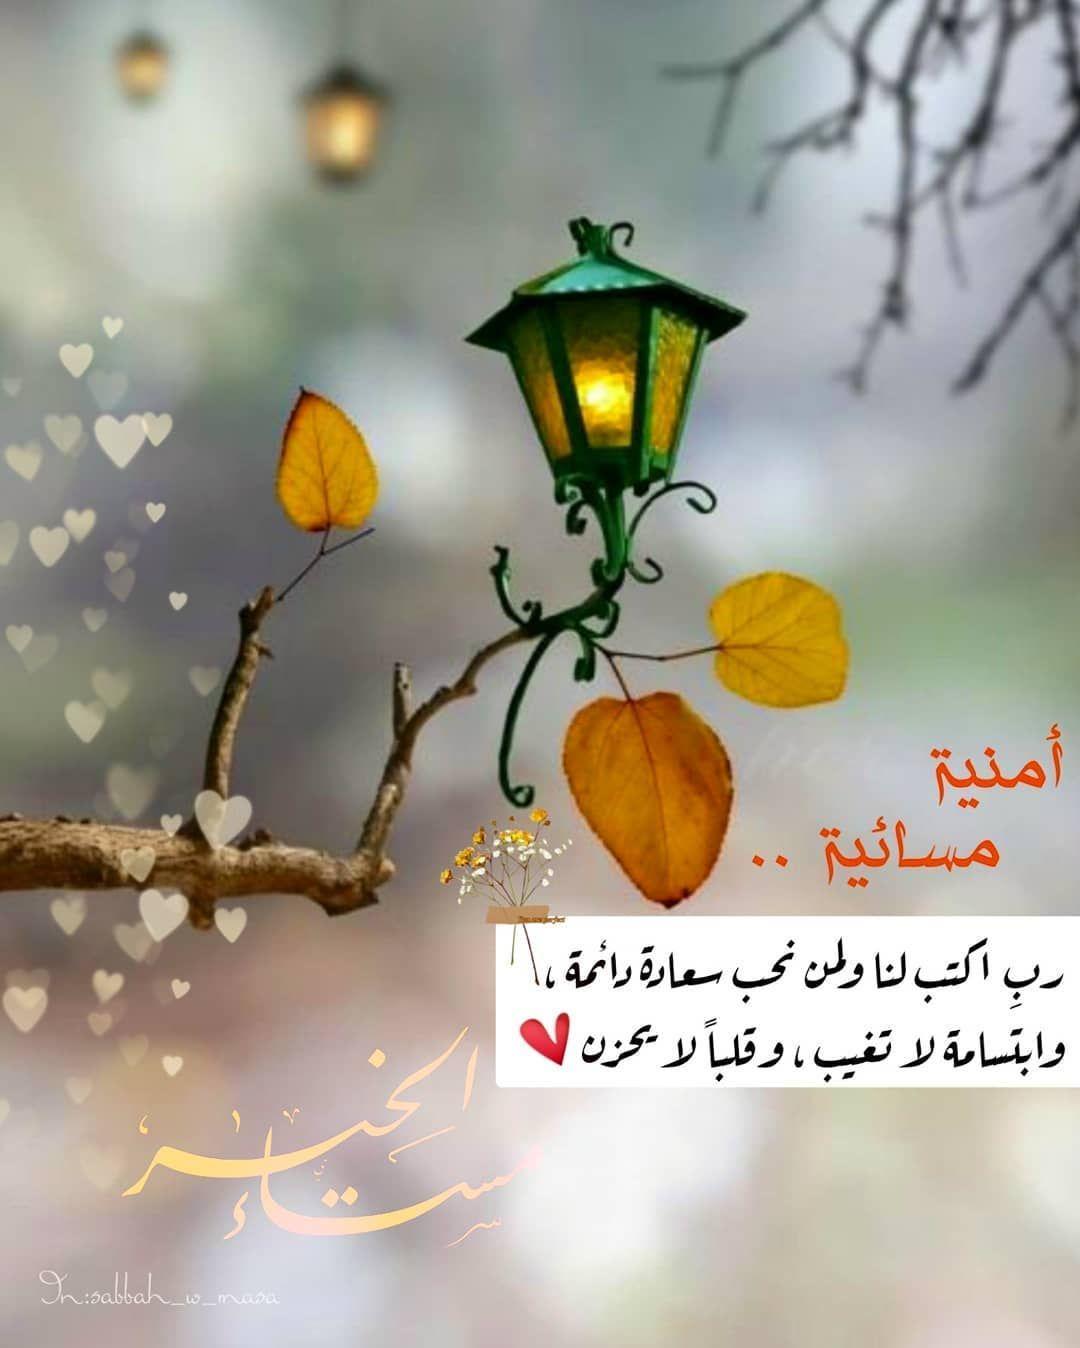 صبح و مساء On Instagram مساء الخيرات والمسرات مساء الورد ت Good Night Flowers Evening Greetings Good Morning Beautiful Images